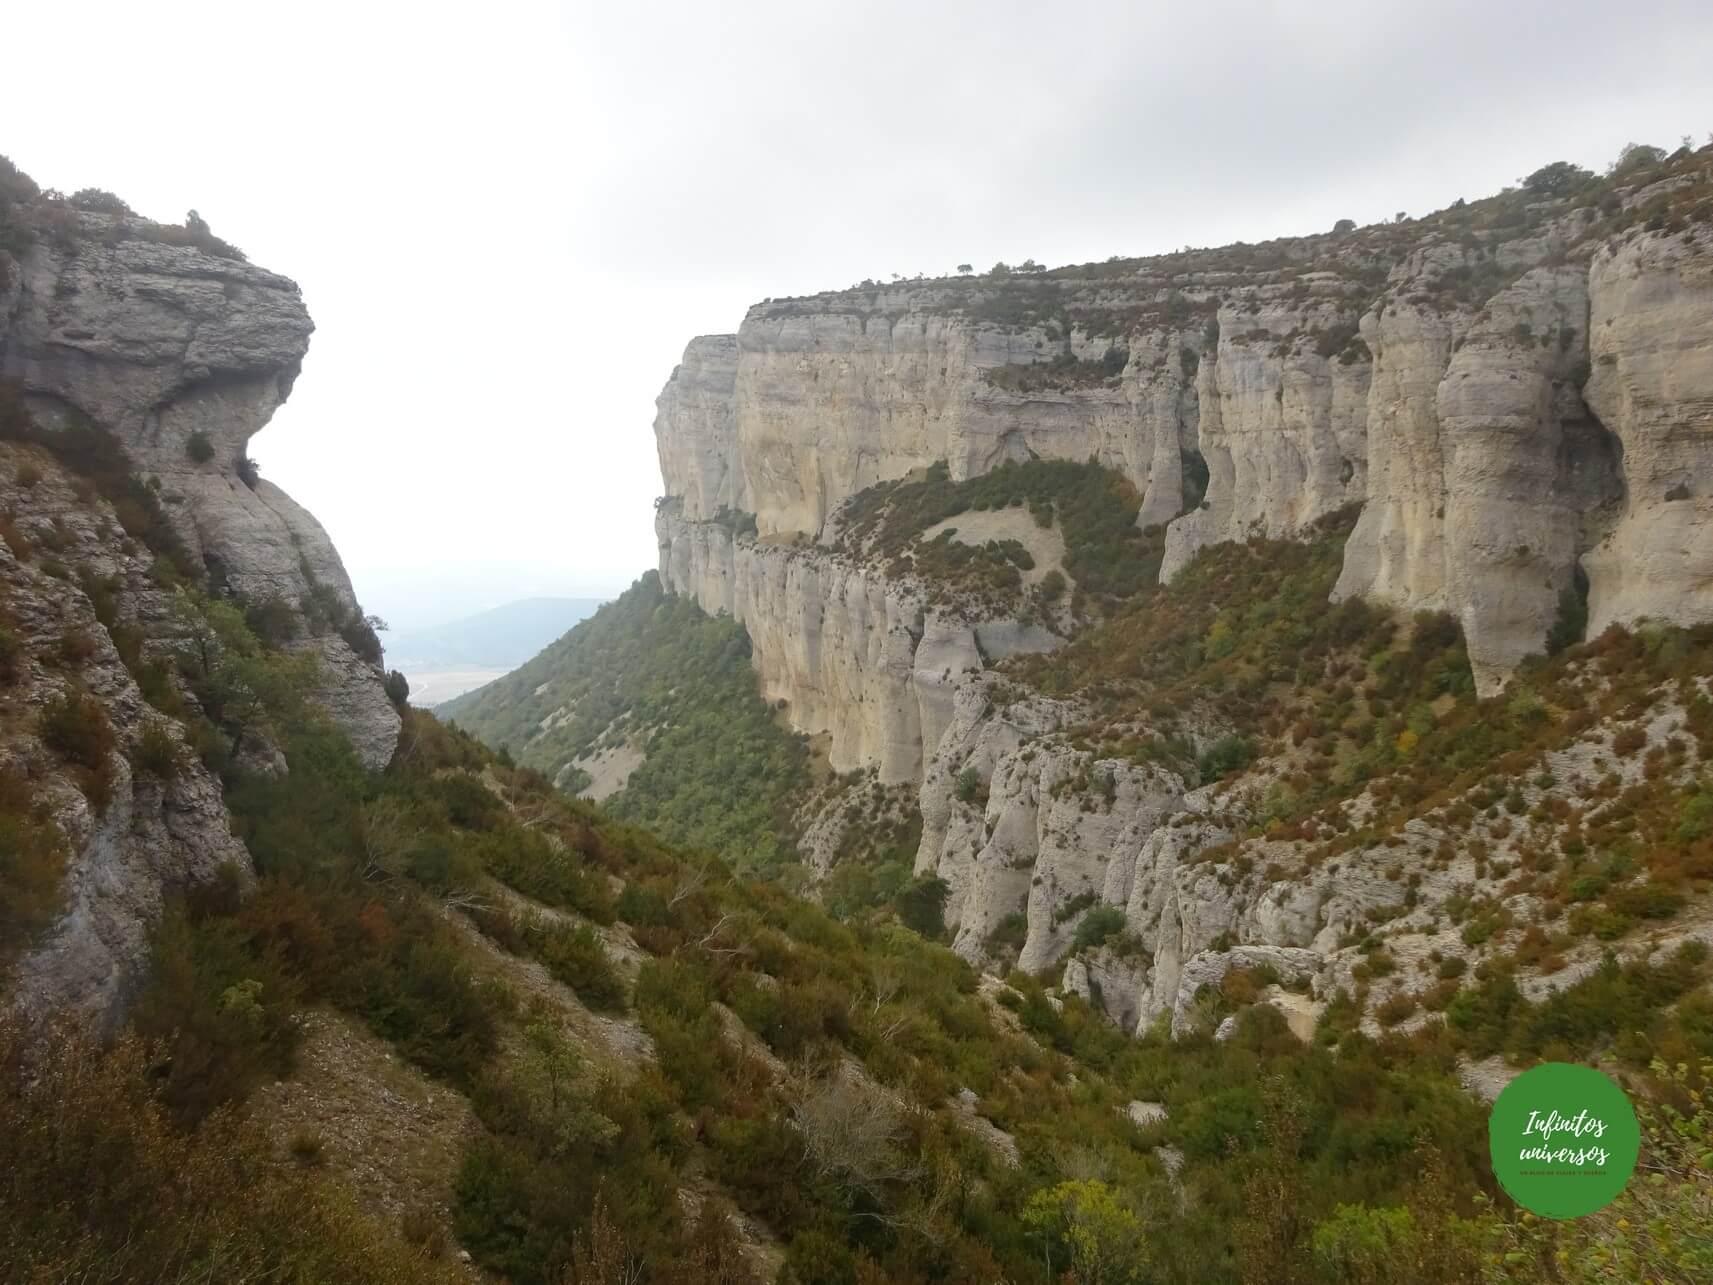 Excursión a la Sierra de Lóquiz: agujero de Ollobarren y Ganuza